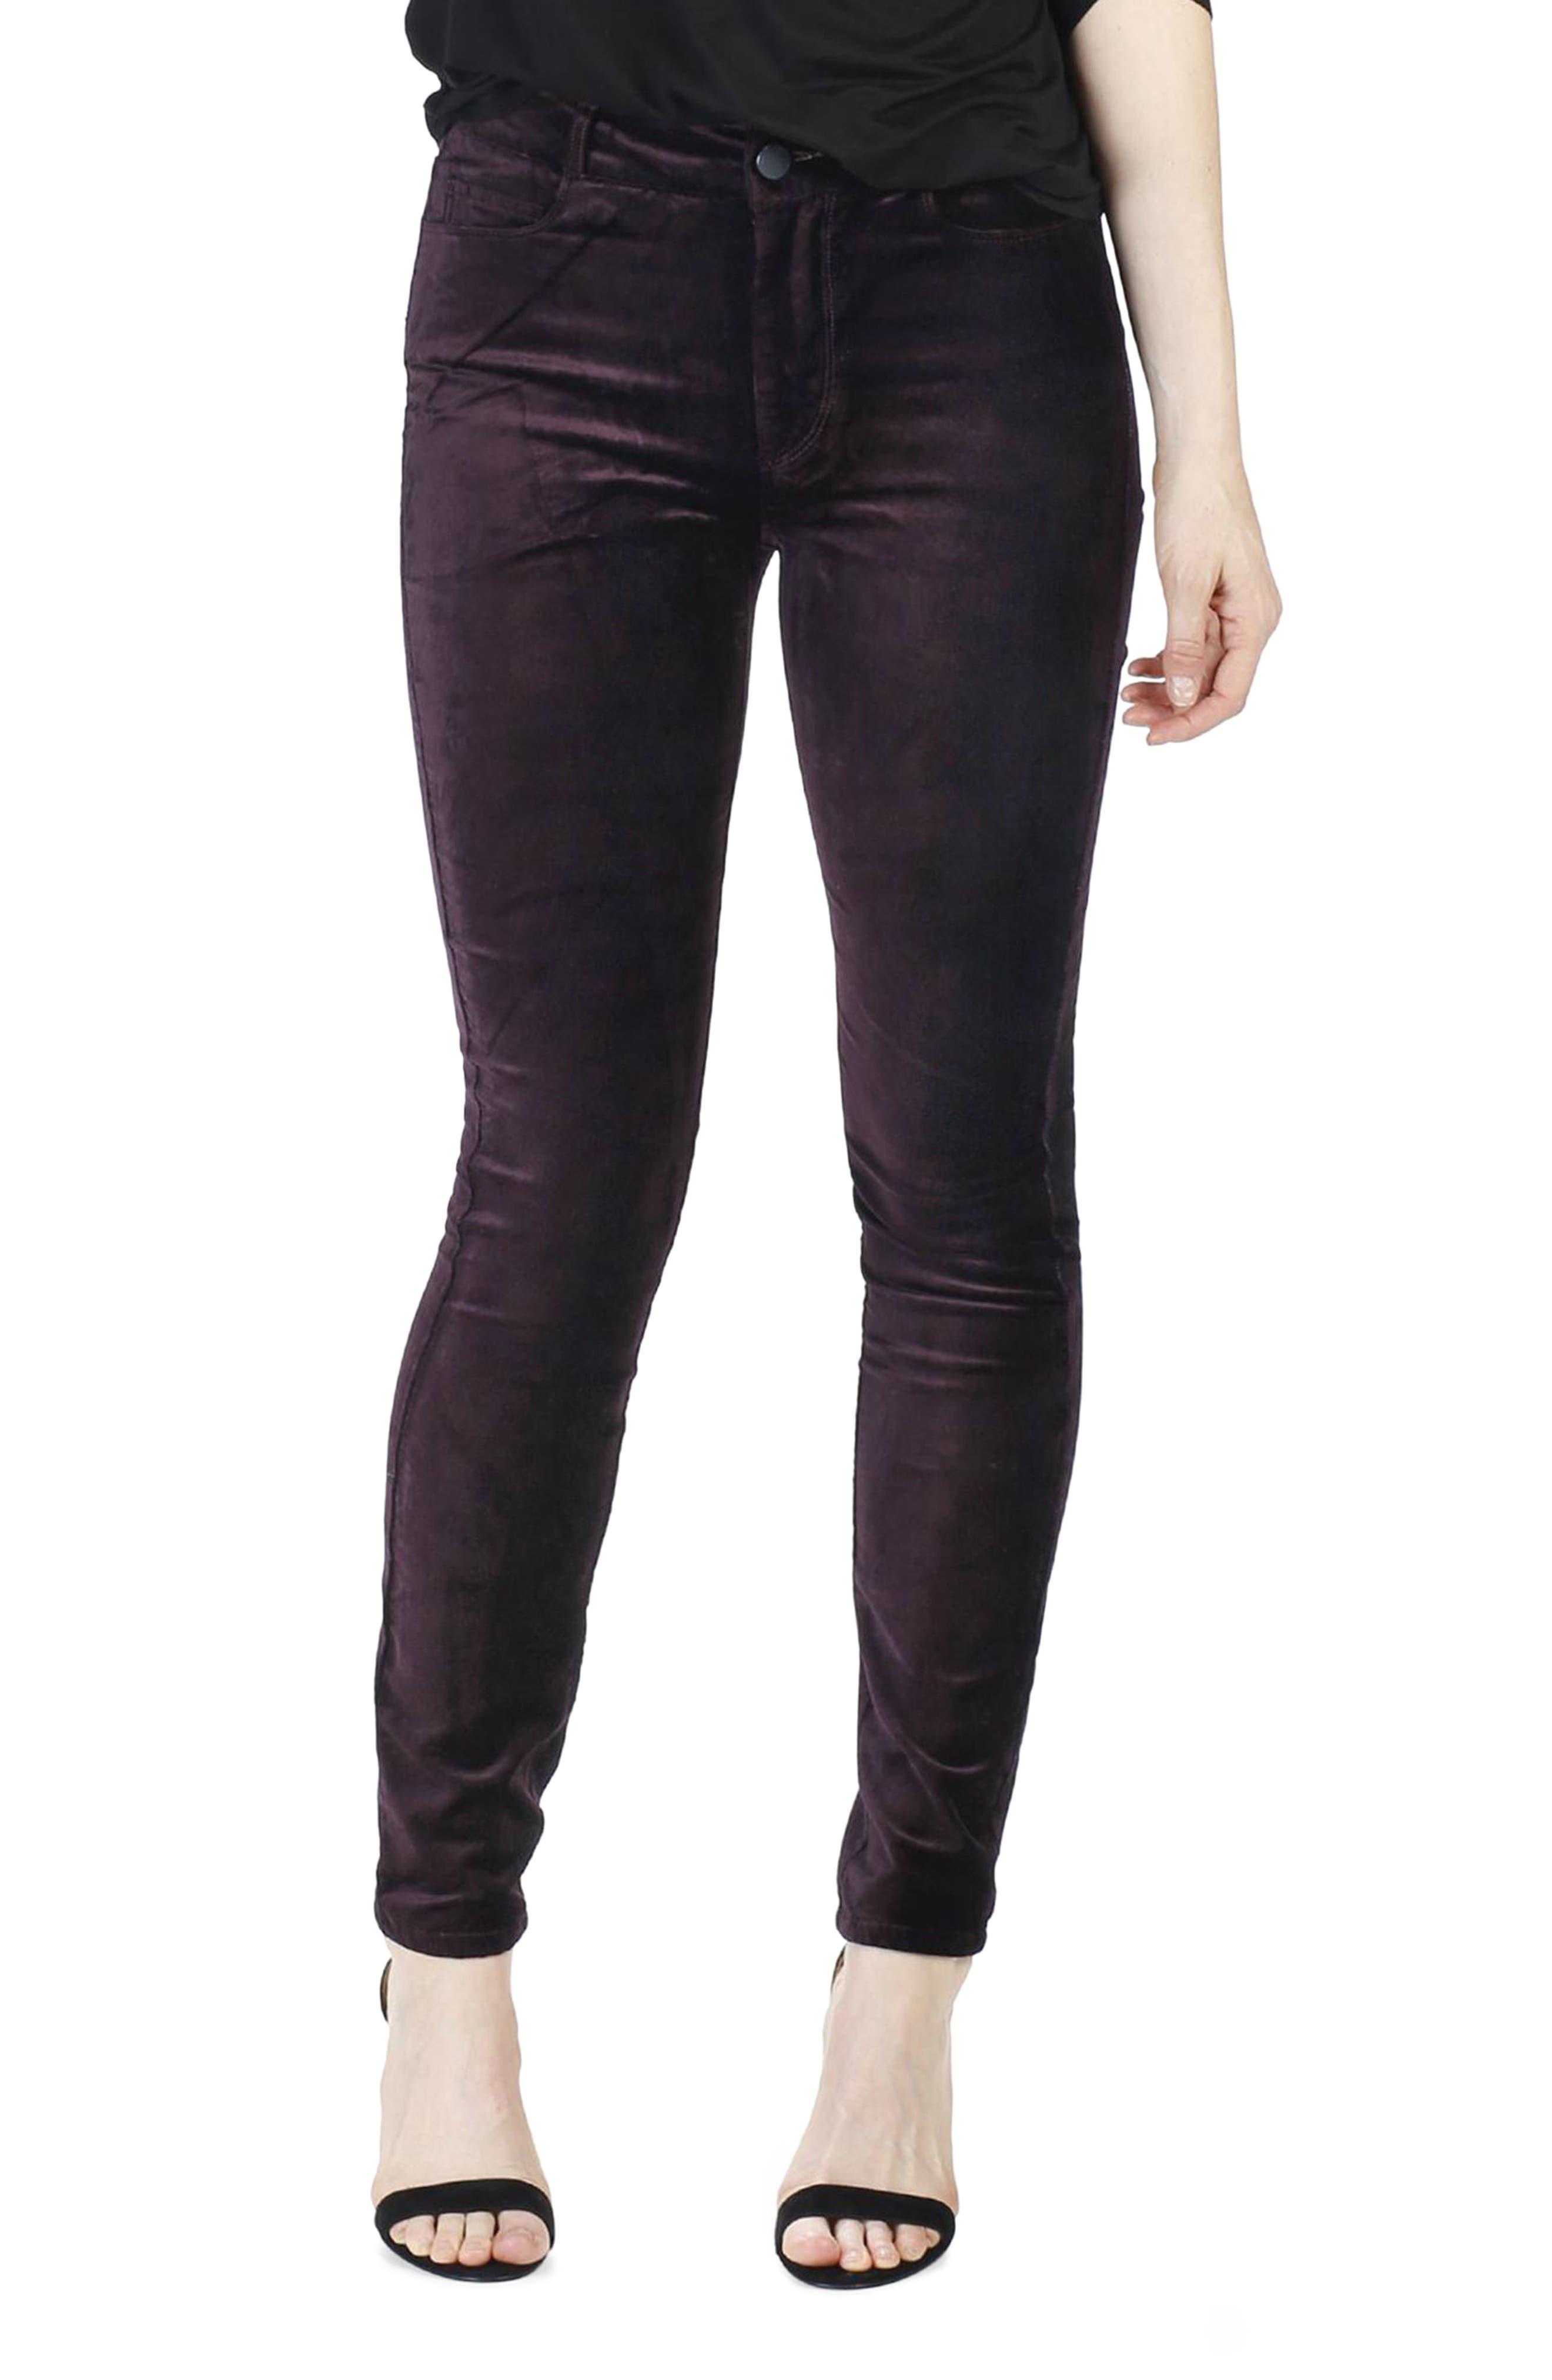 Hoxton Velvet Ankle Skinny Jeans,                         Main,                         color, Black Cherry